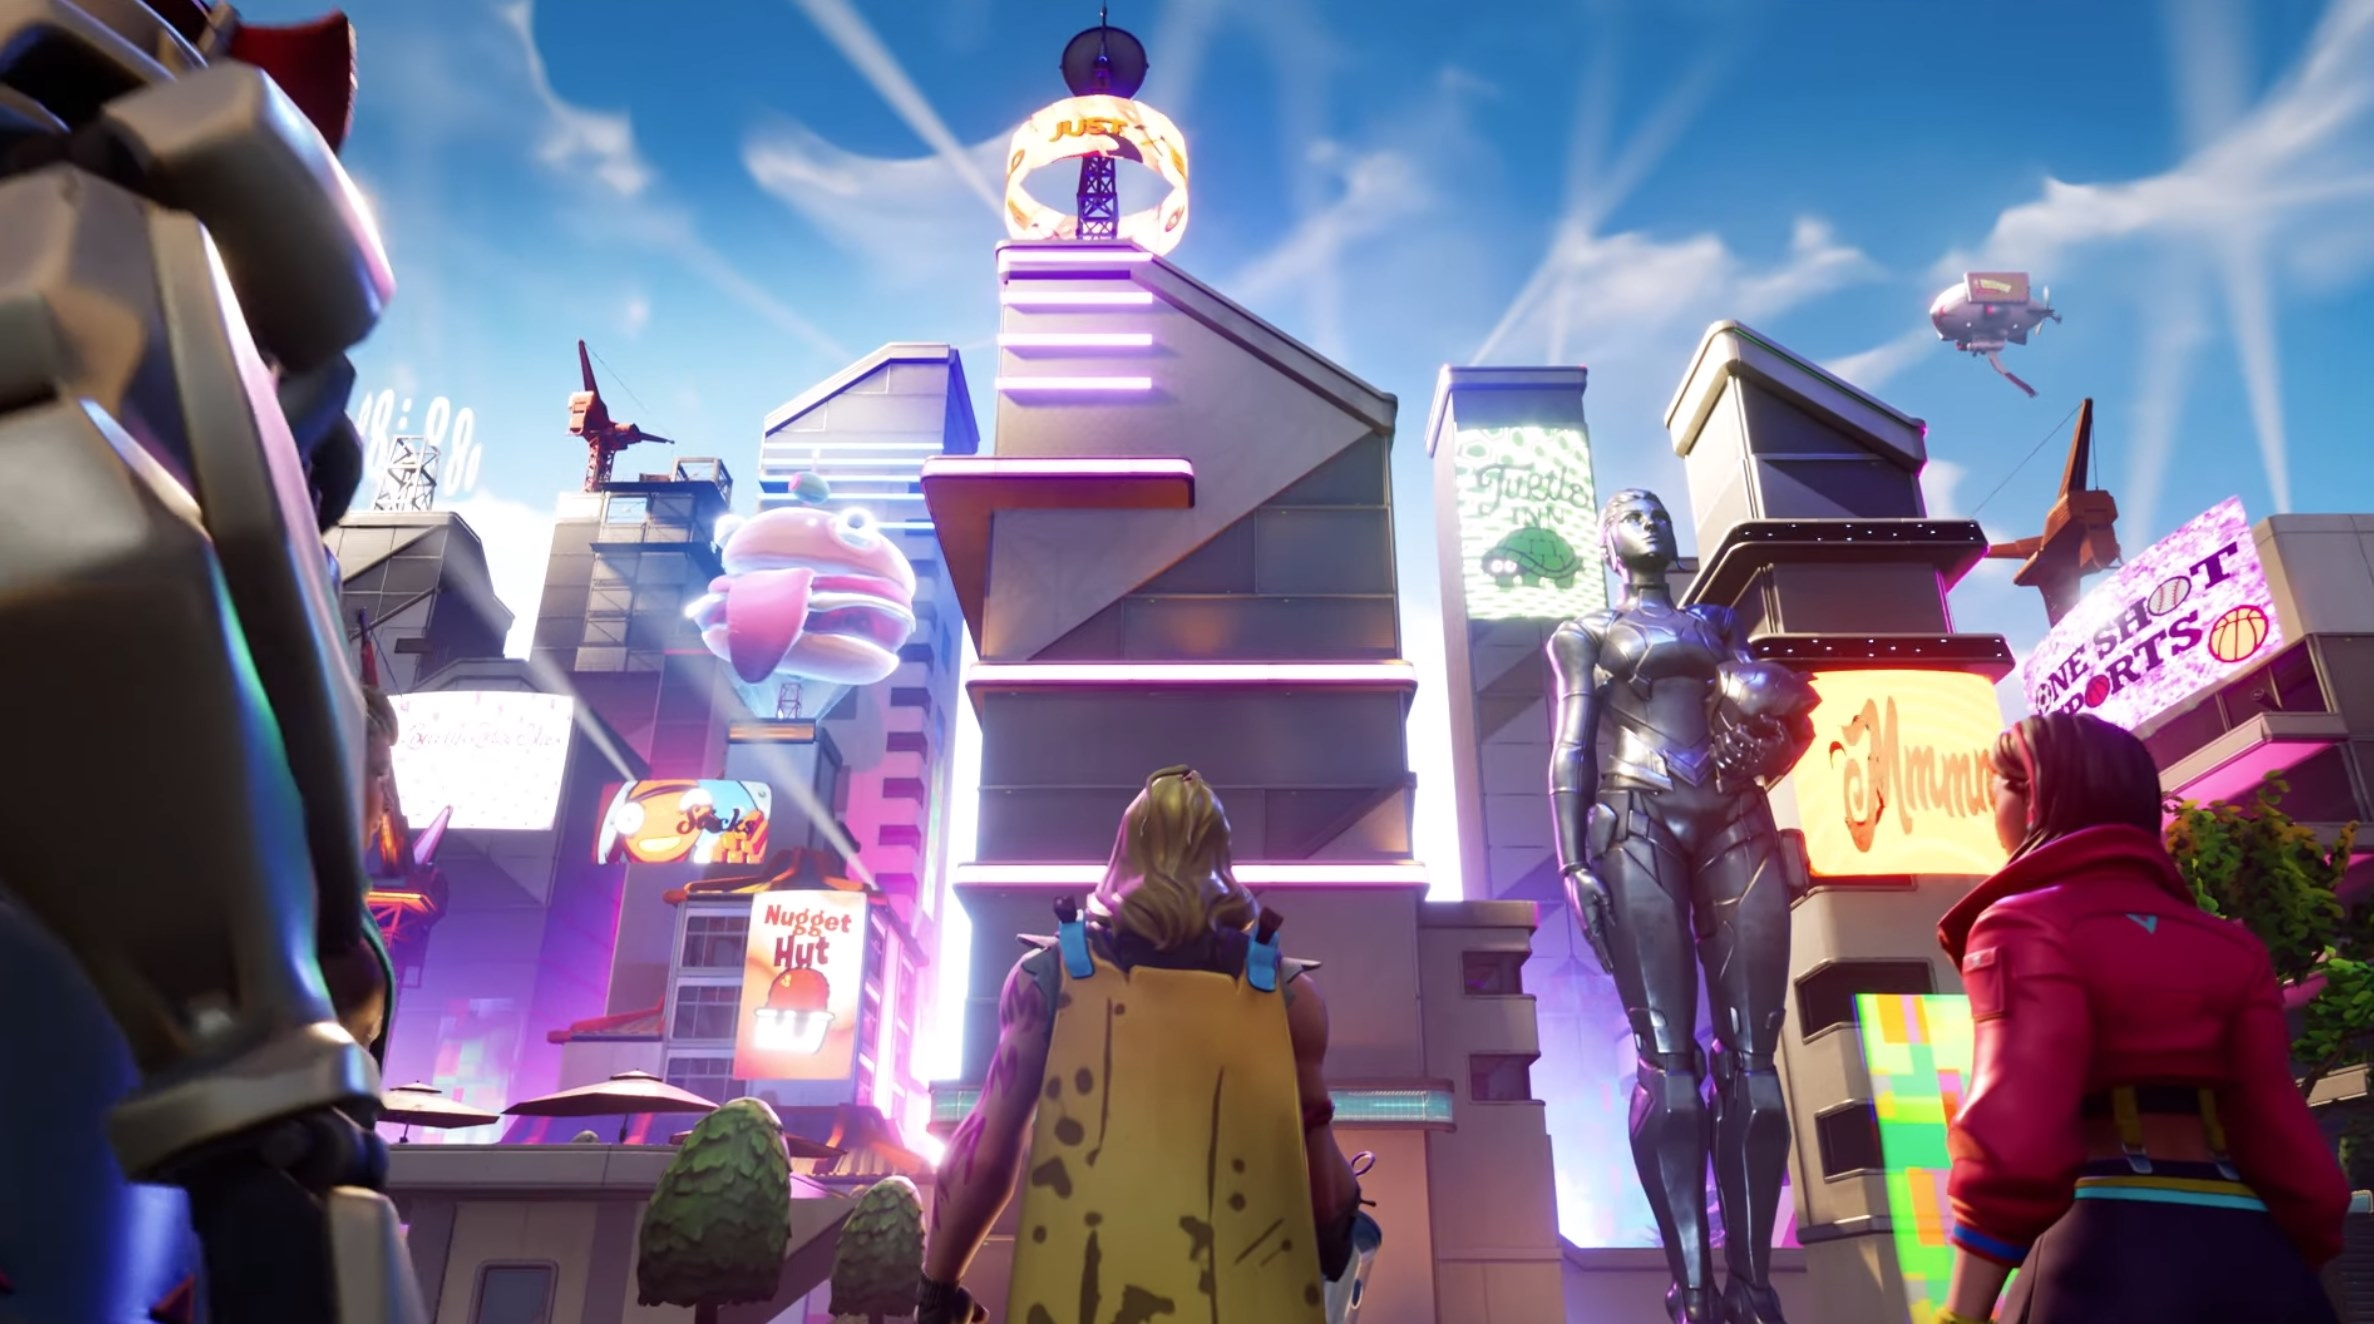 fortnite season 9 prave zacina mapa sa meni na futuristicku - fortnite hraci